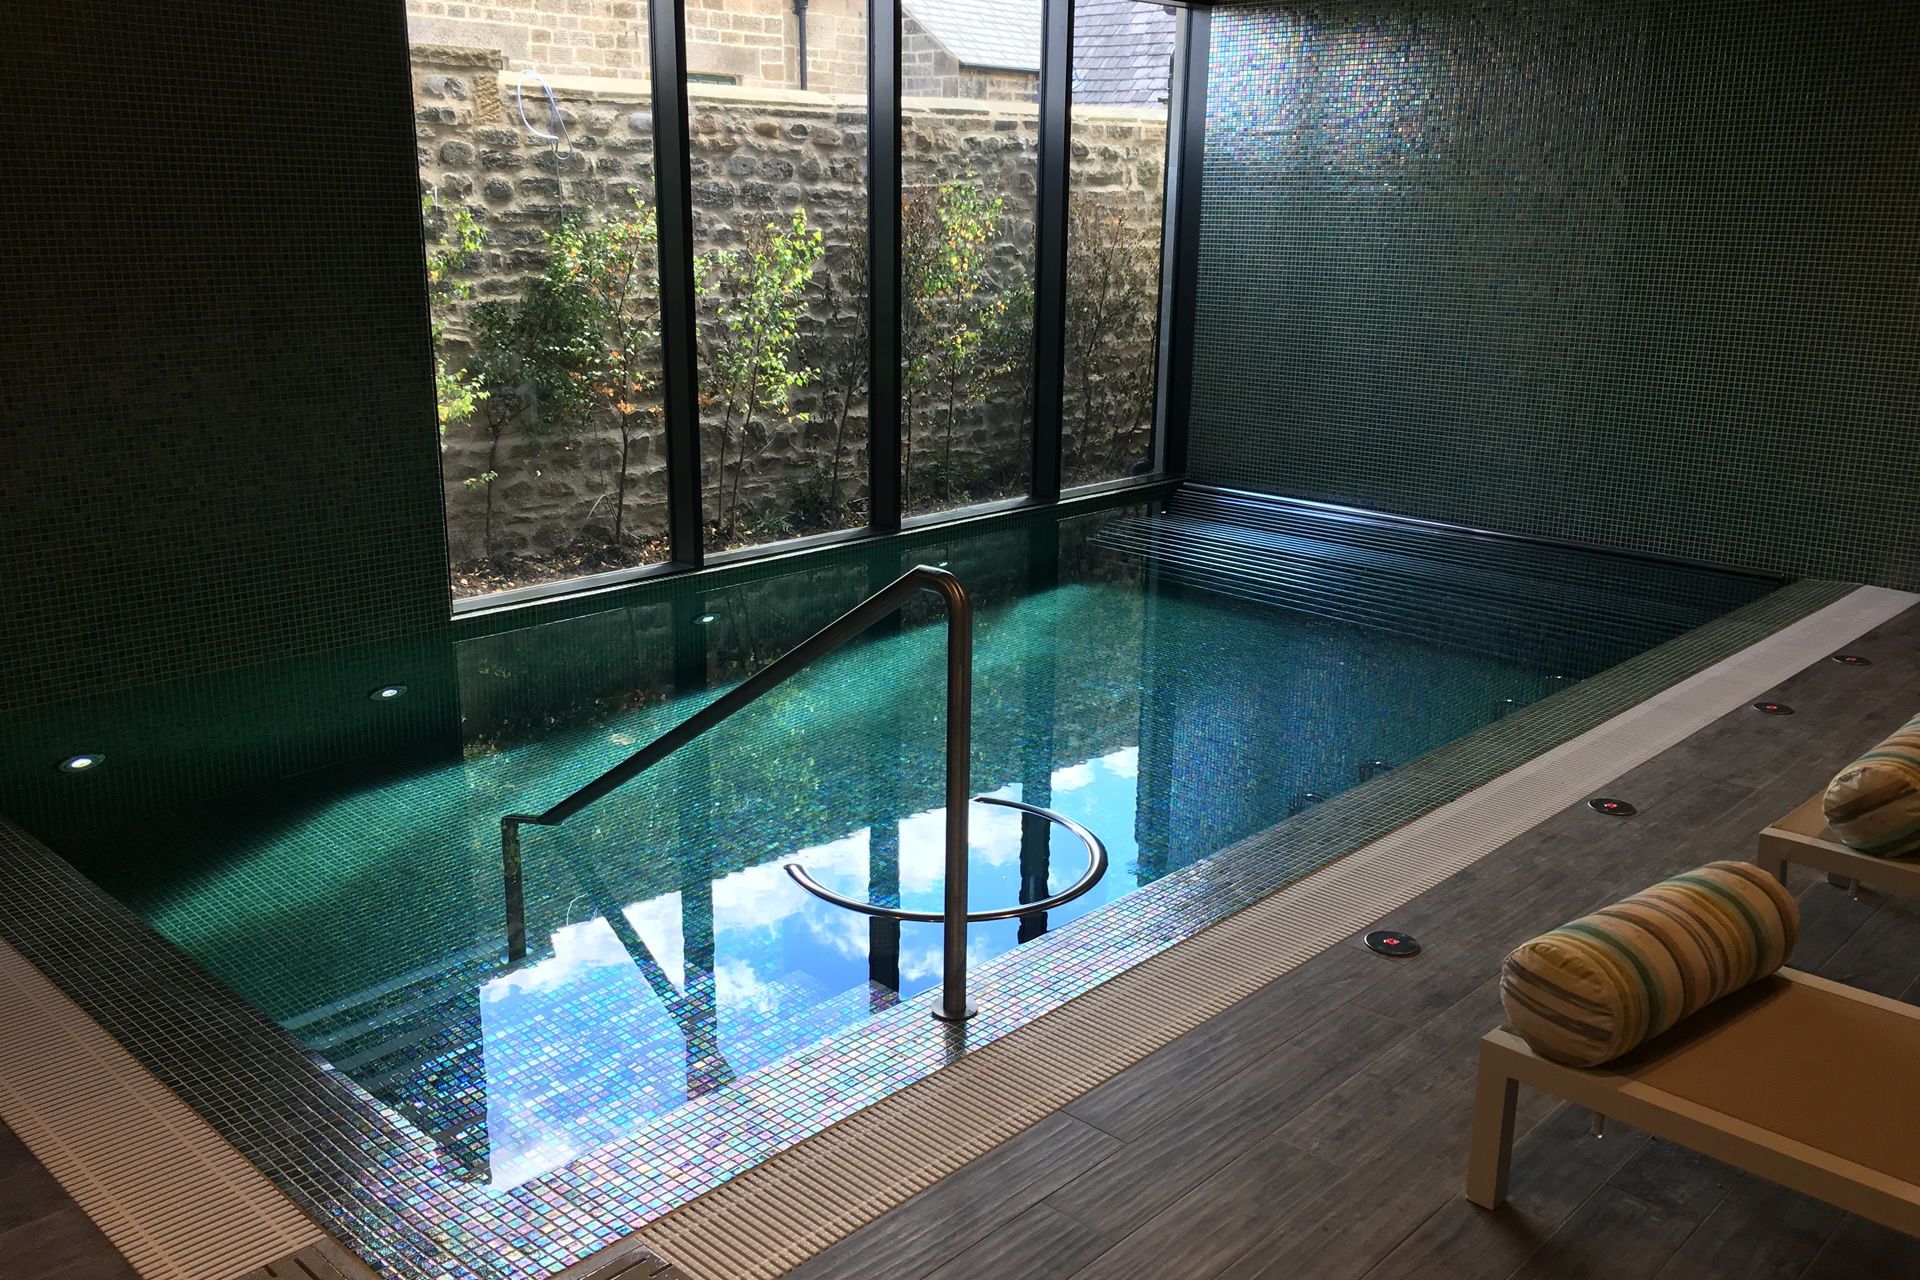 swinton park spa pool